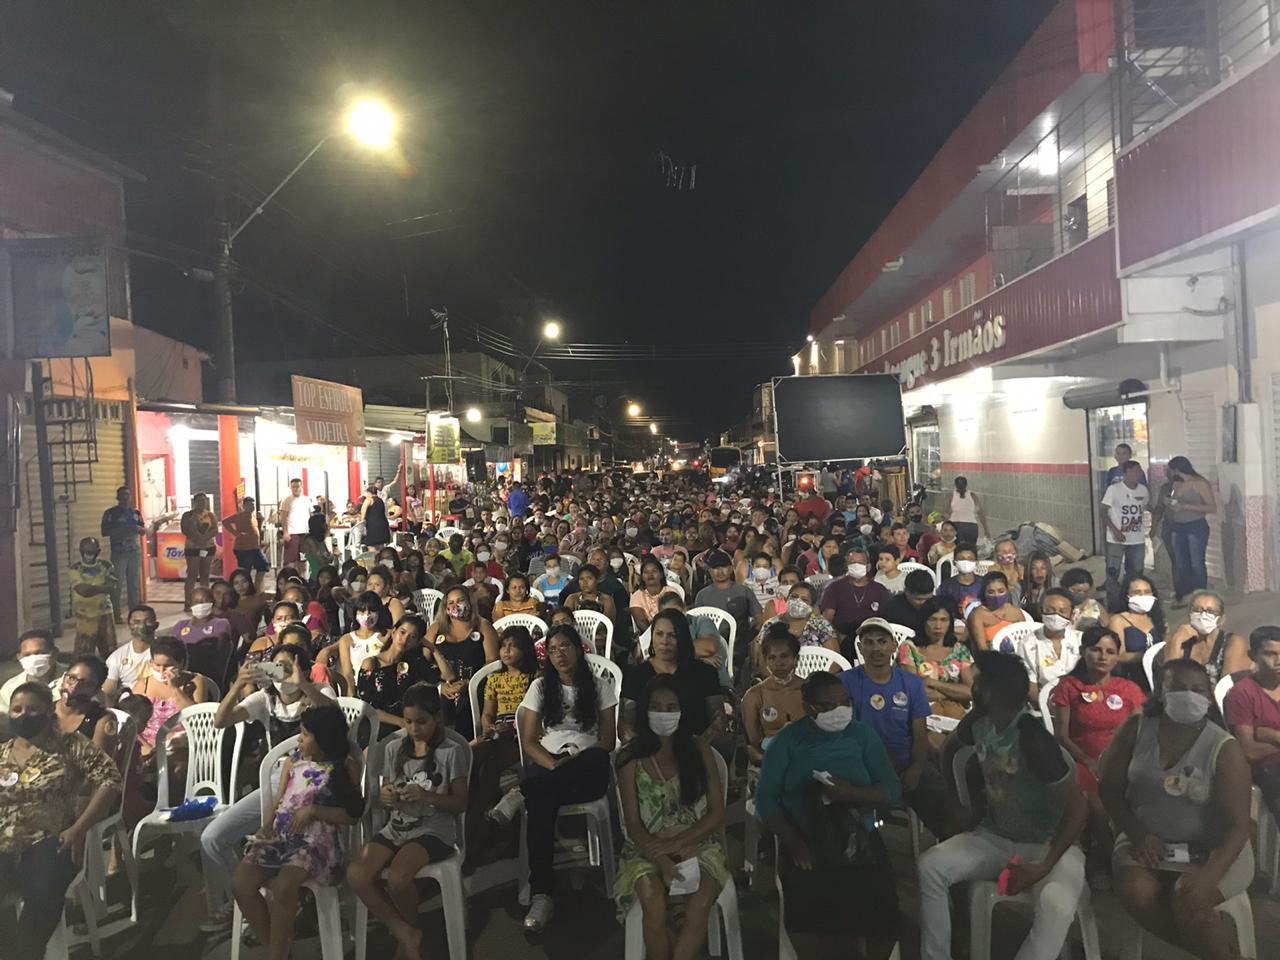 Evento de Nicolau promove aglomeração e contraria normas sanitárias